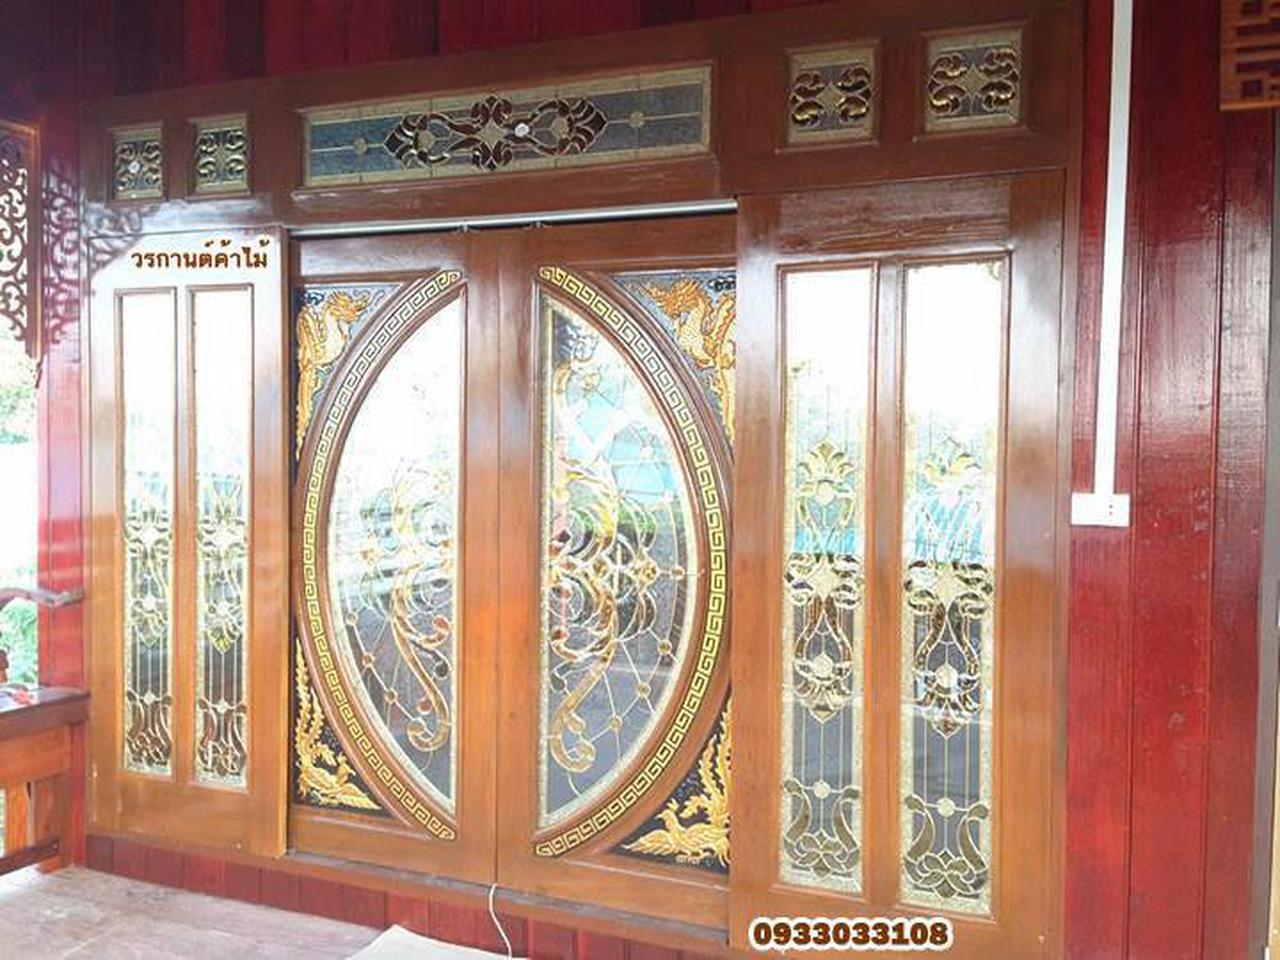 ประตูไม้สัก,ประตูไม้สักกระจกนิรภัย www.door-woodhome.com ร้านวรกานต์ค้าไม้ รูปที่ 6